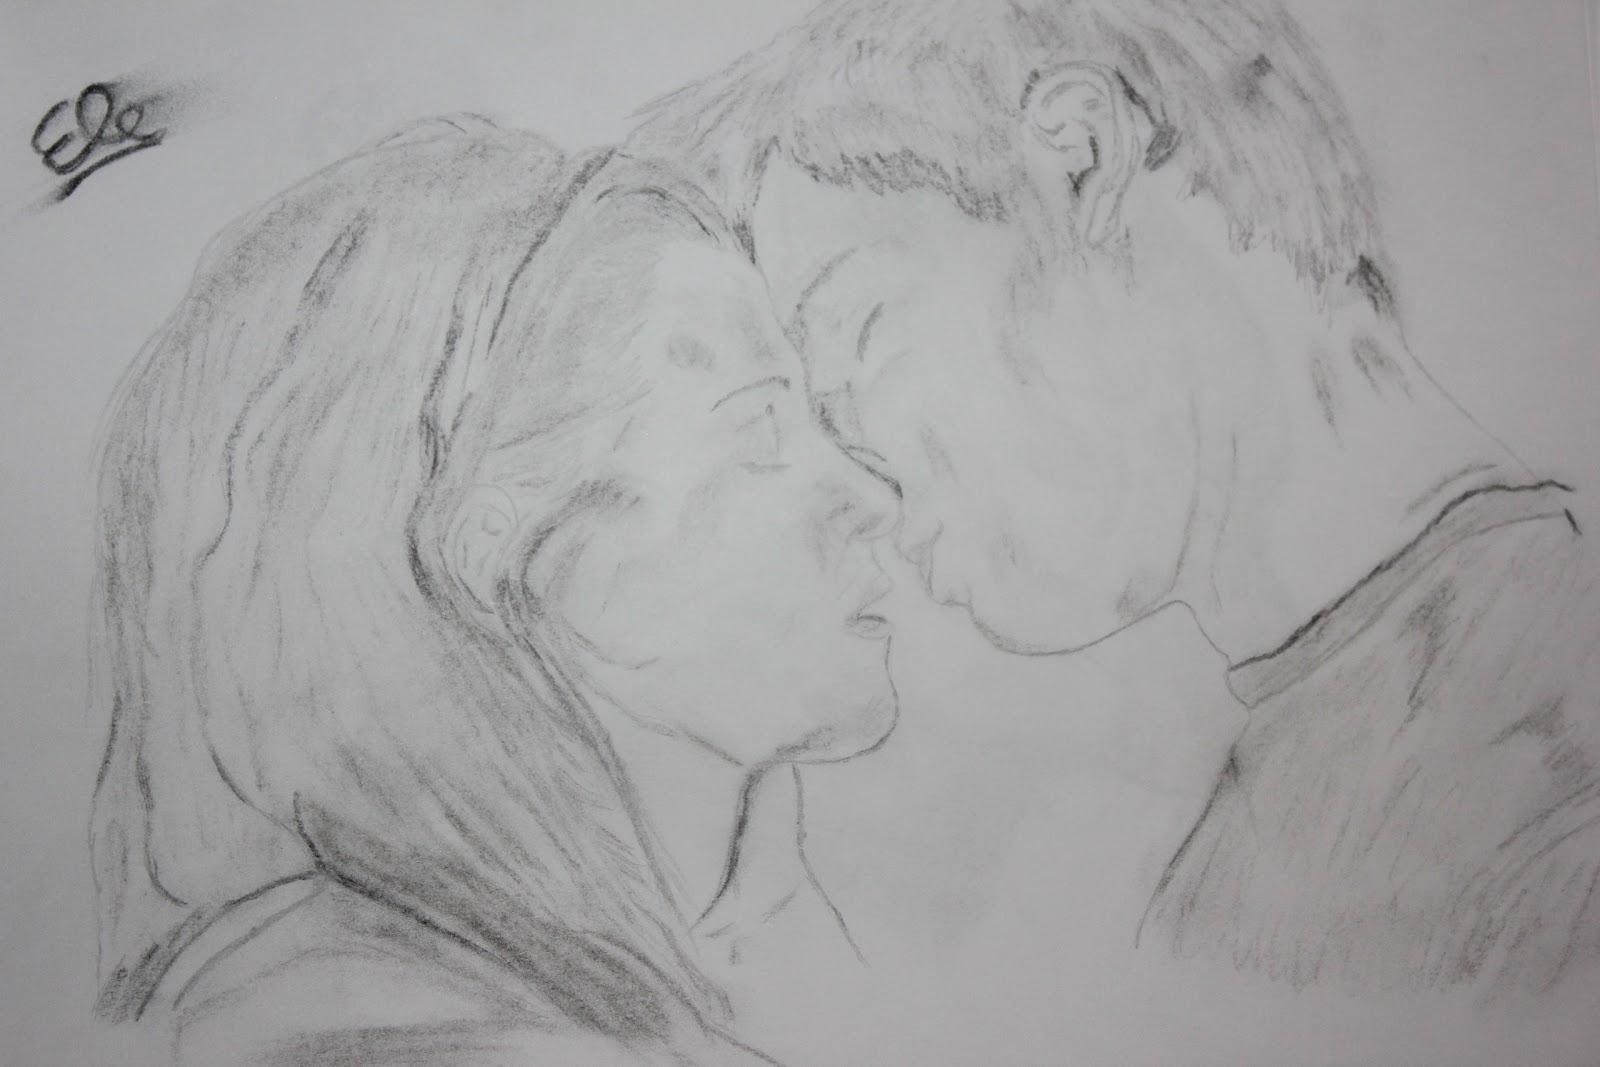 Elisa-Drawing: Dessin twilight